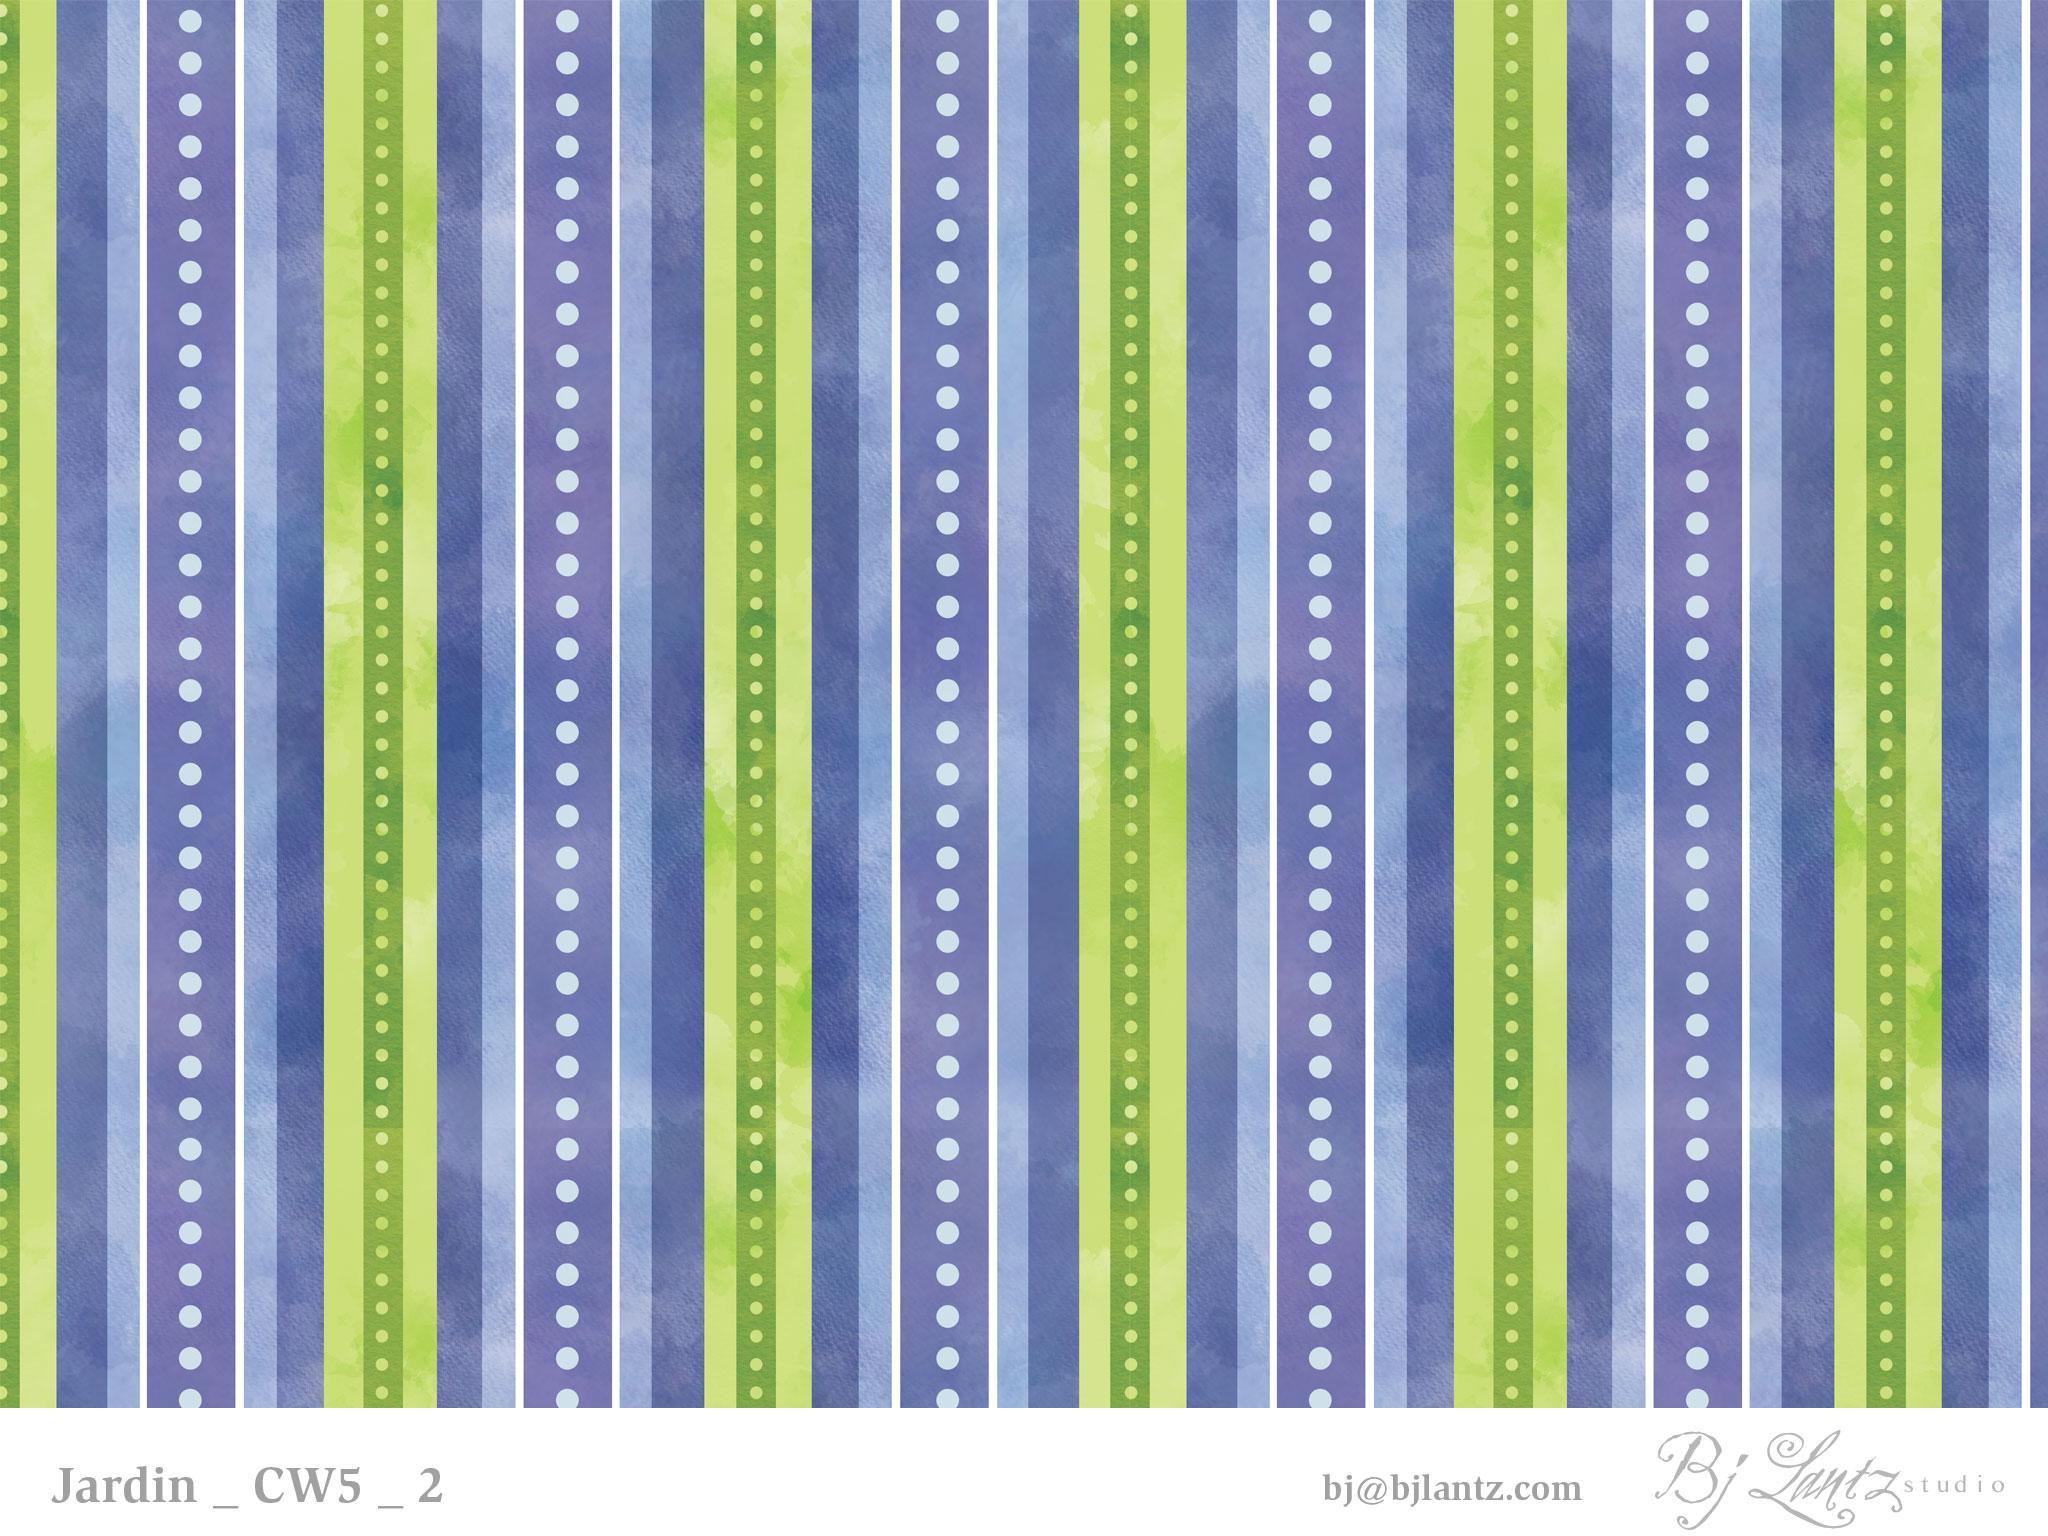 Jardin_CW5-BJ-Lantz_2.jpg